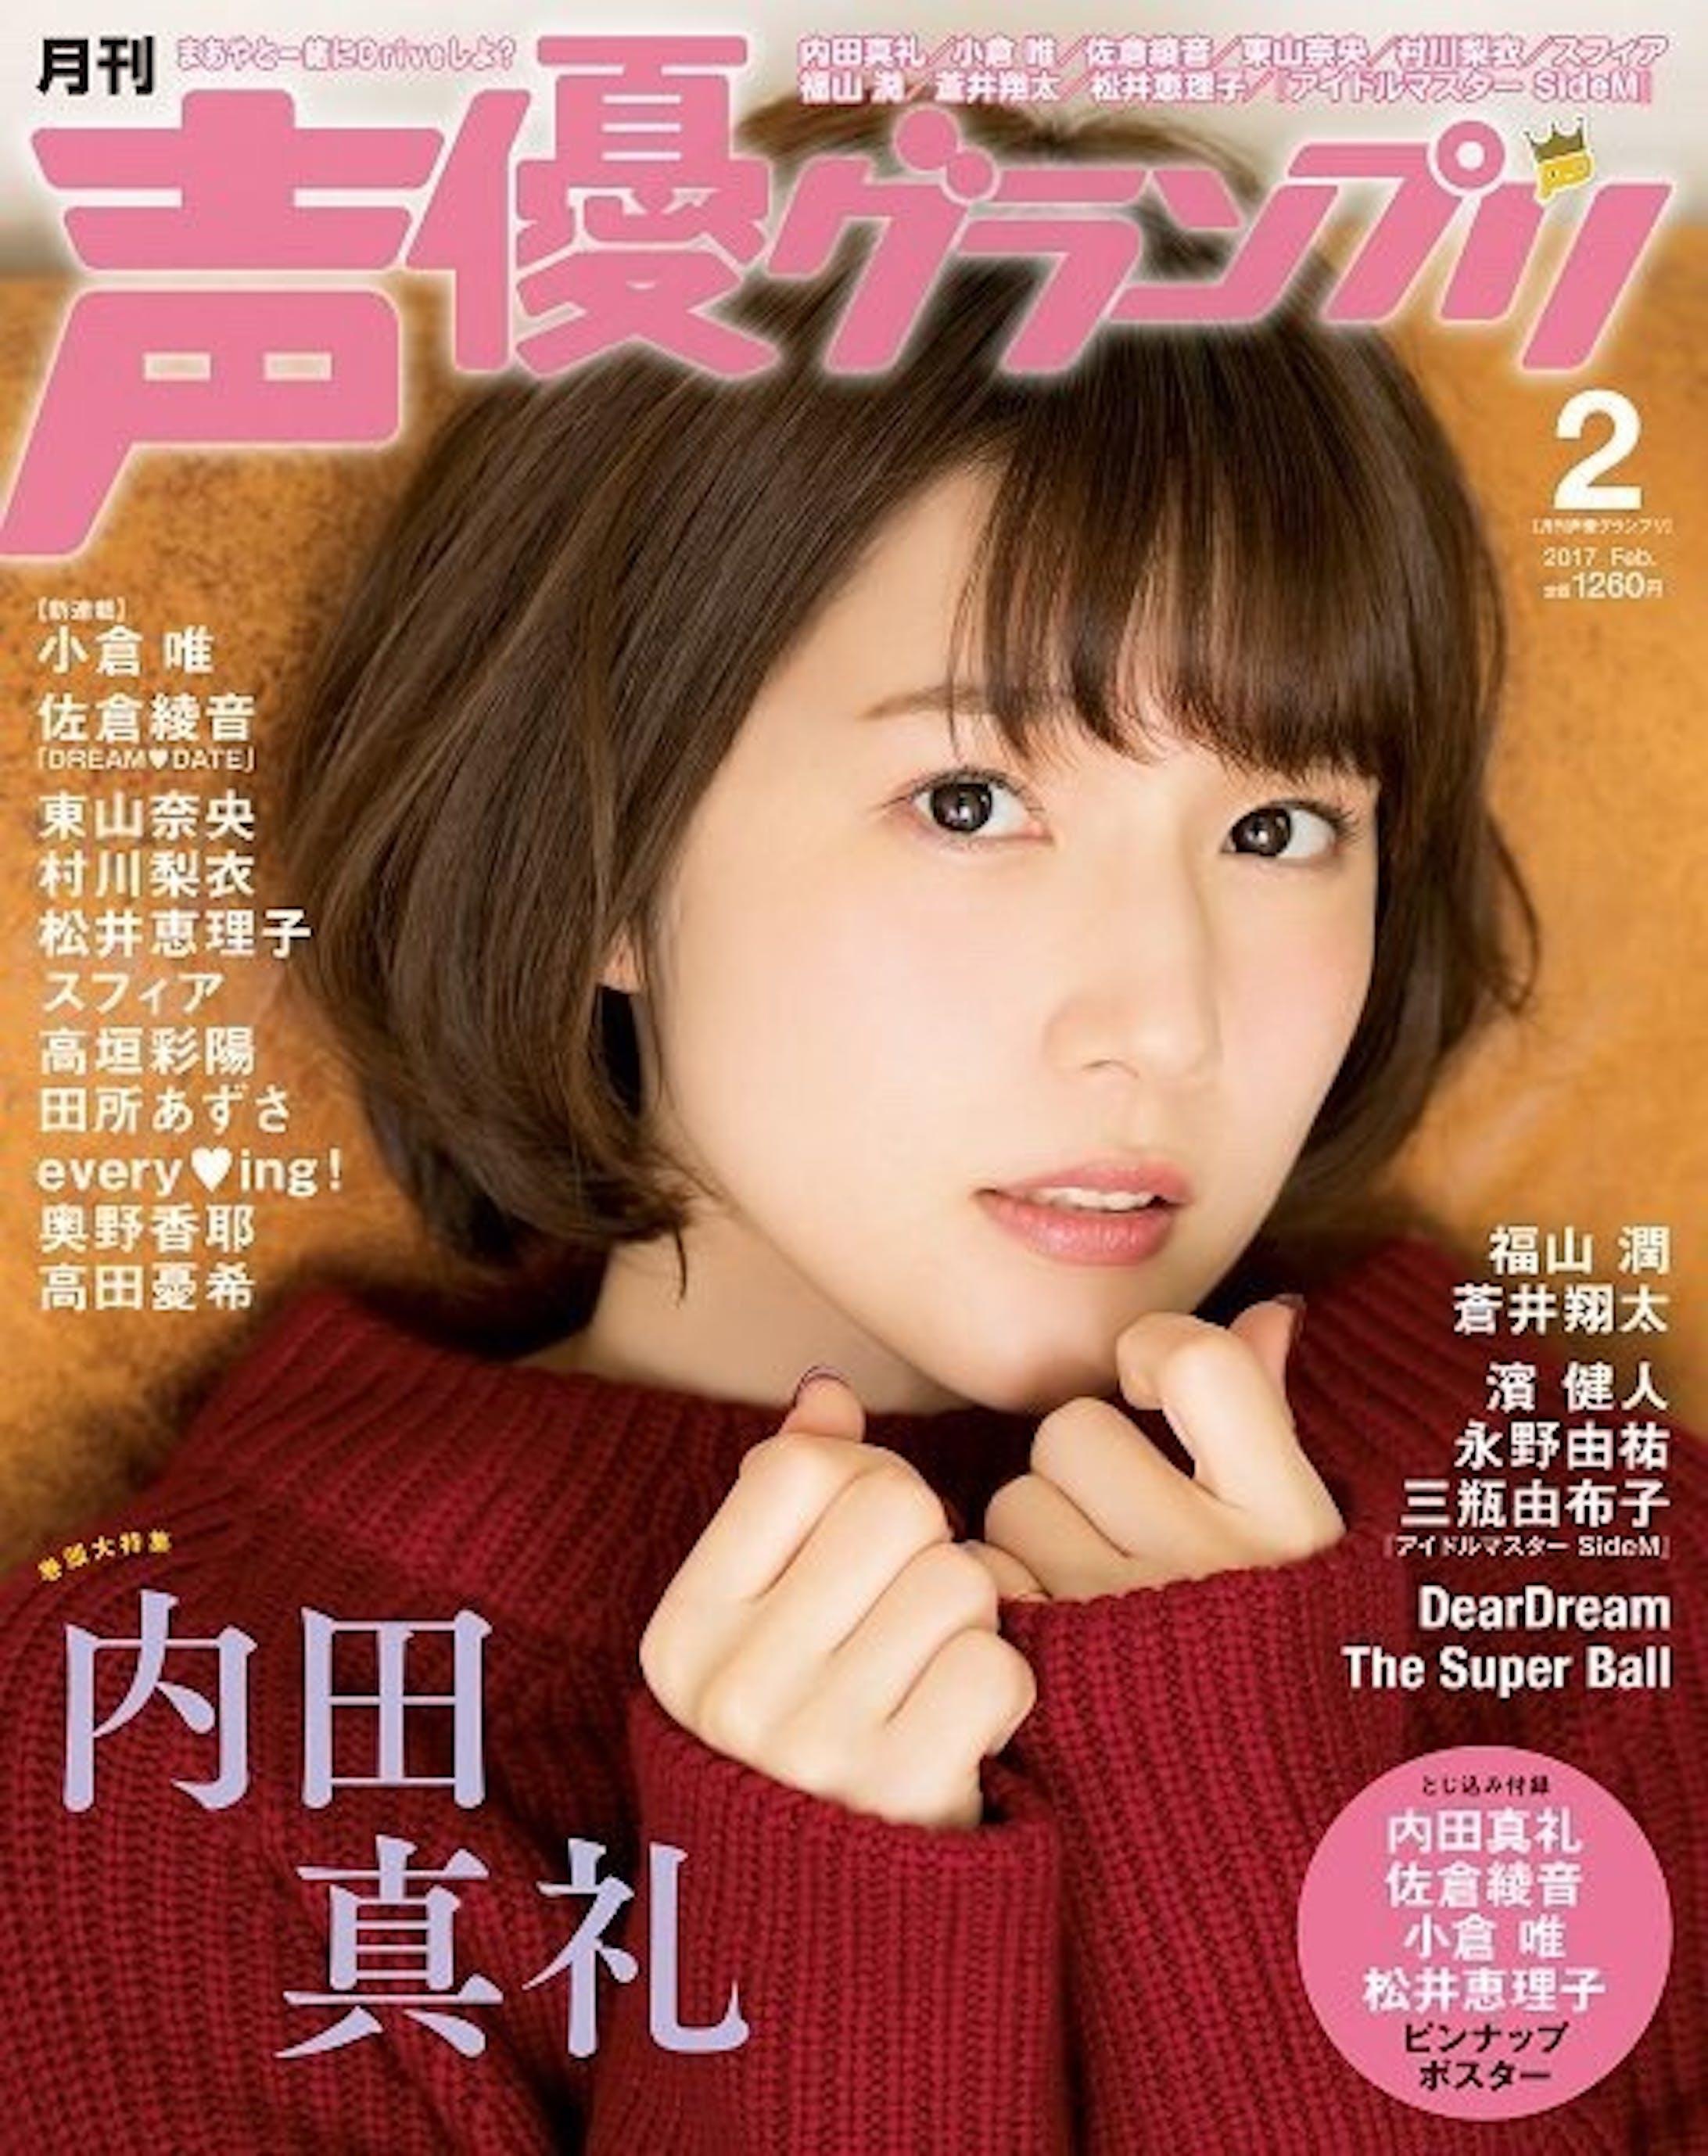 声優グランプリ 「雨宮天・高橋李依・内田真礼」表紙-5